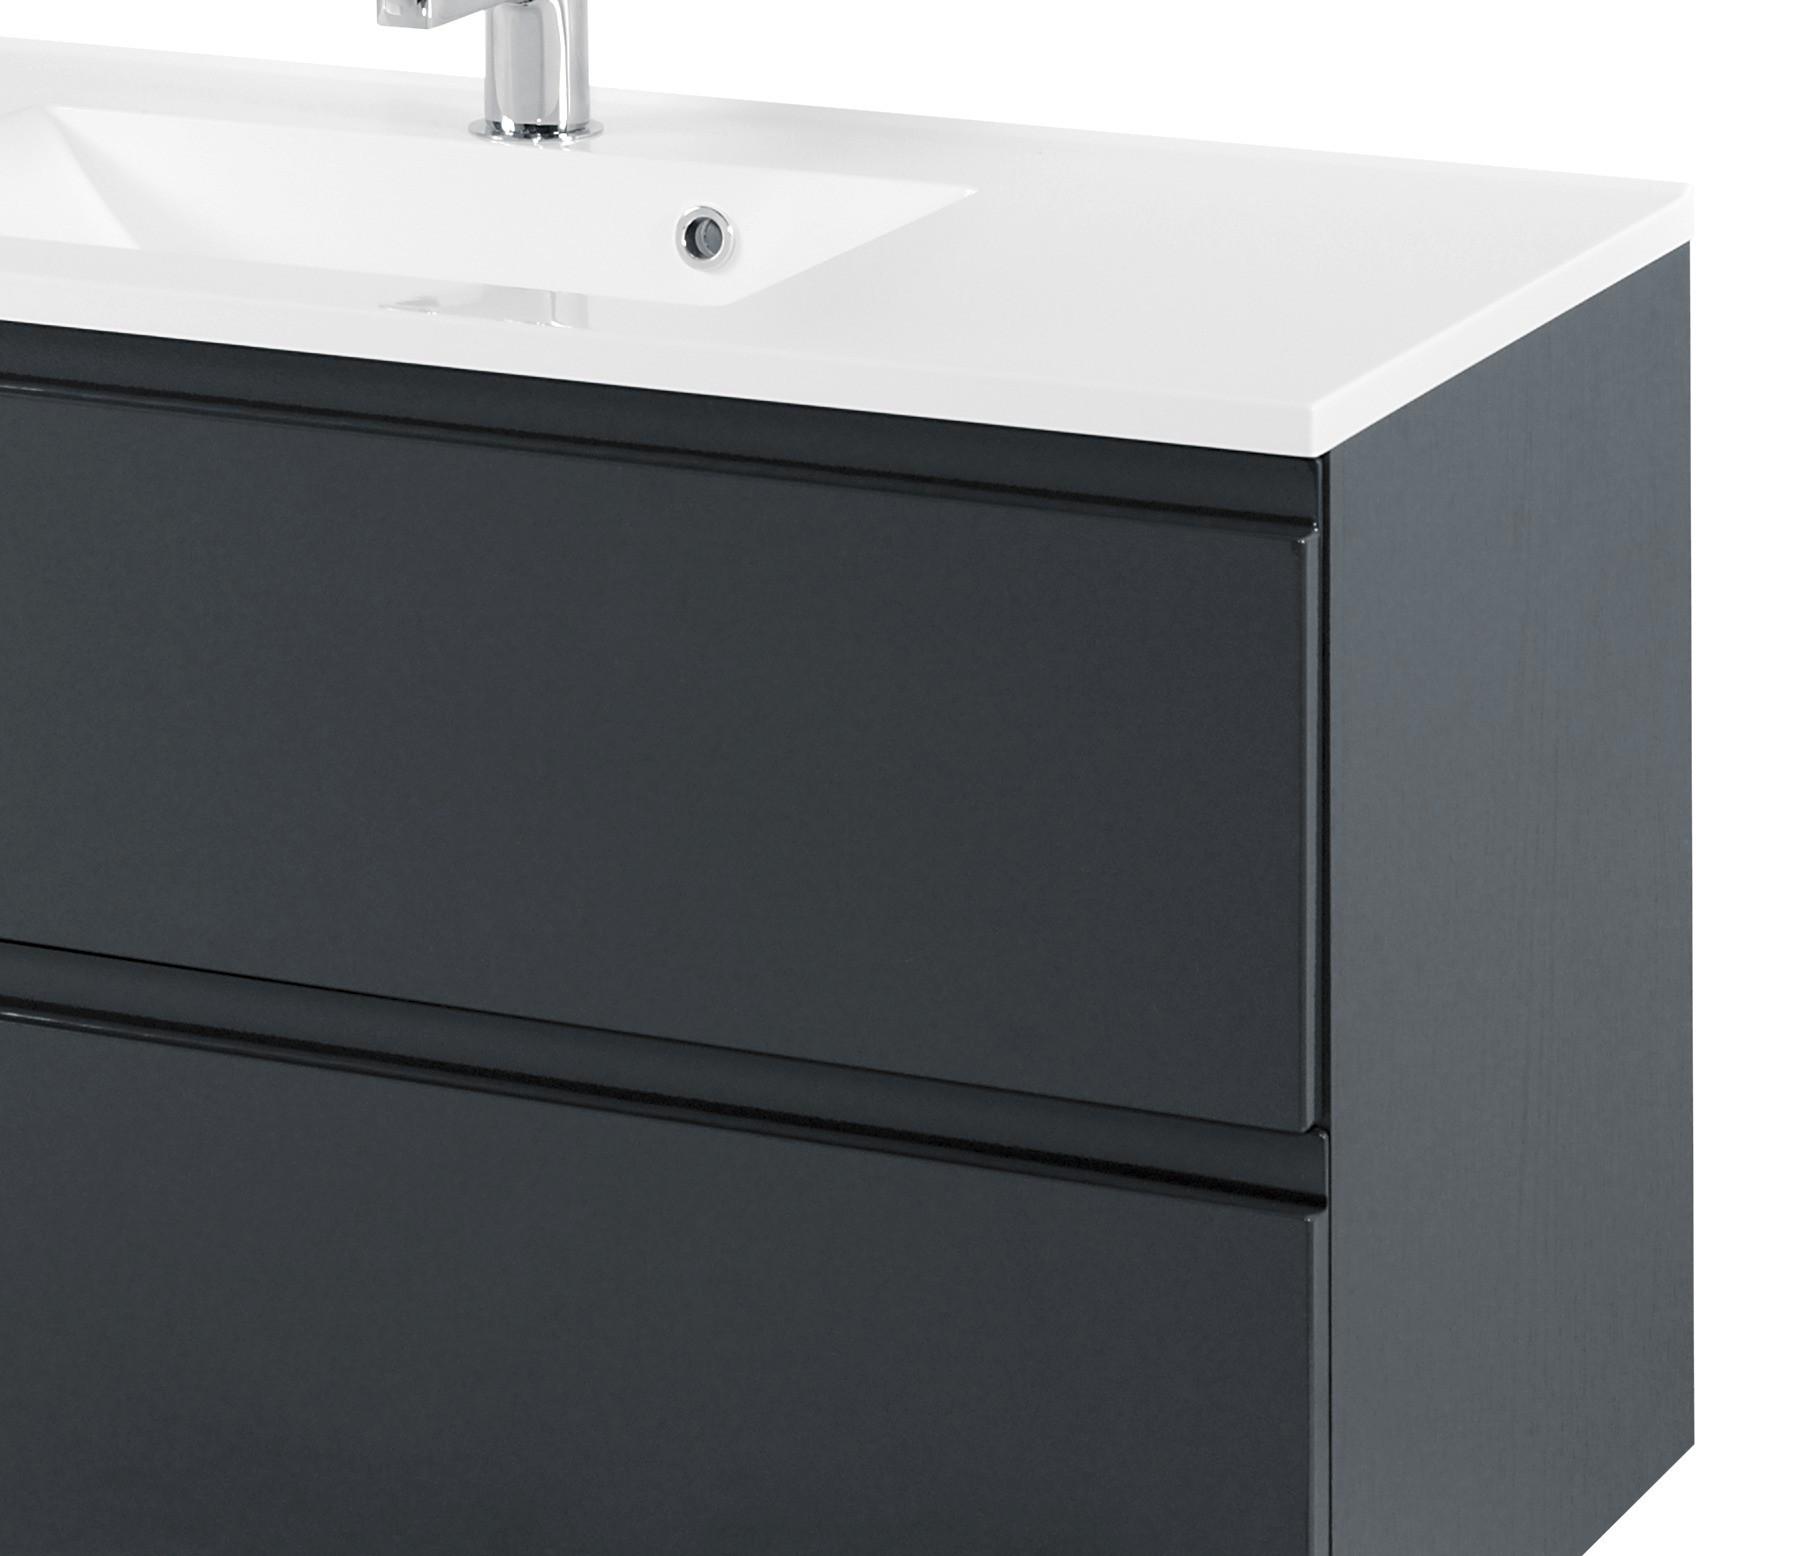 badm belset cardiff waschtisch mit becken spiegelschrank 100 cm grau ebay. Black Bedroom Furniture Sets. Home Design Ideas